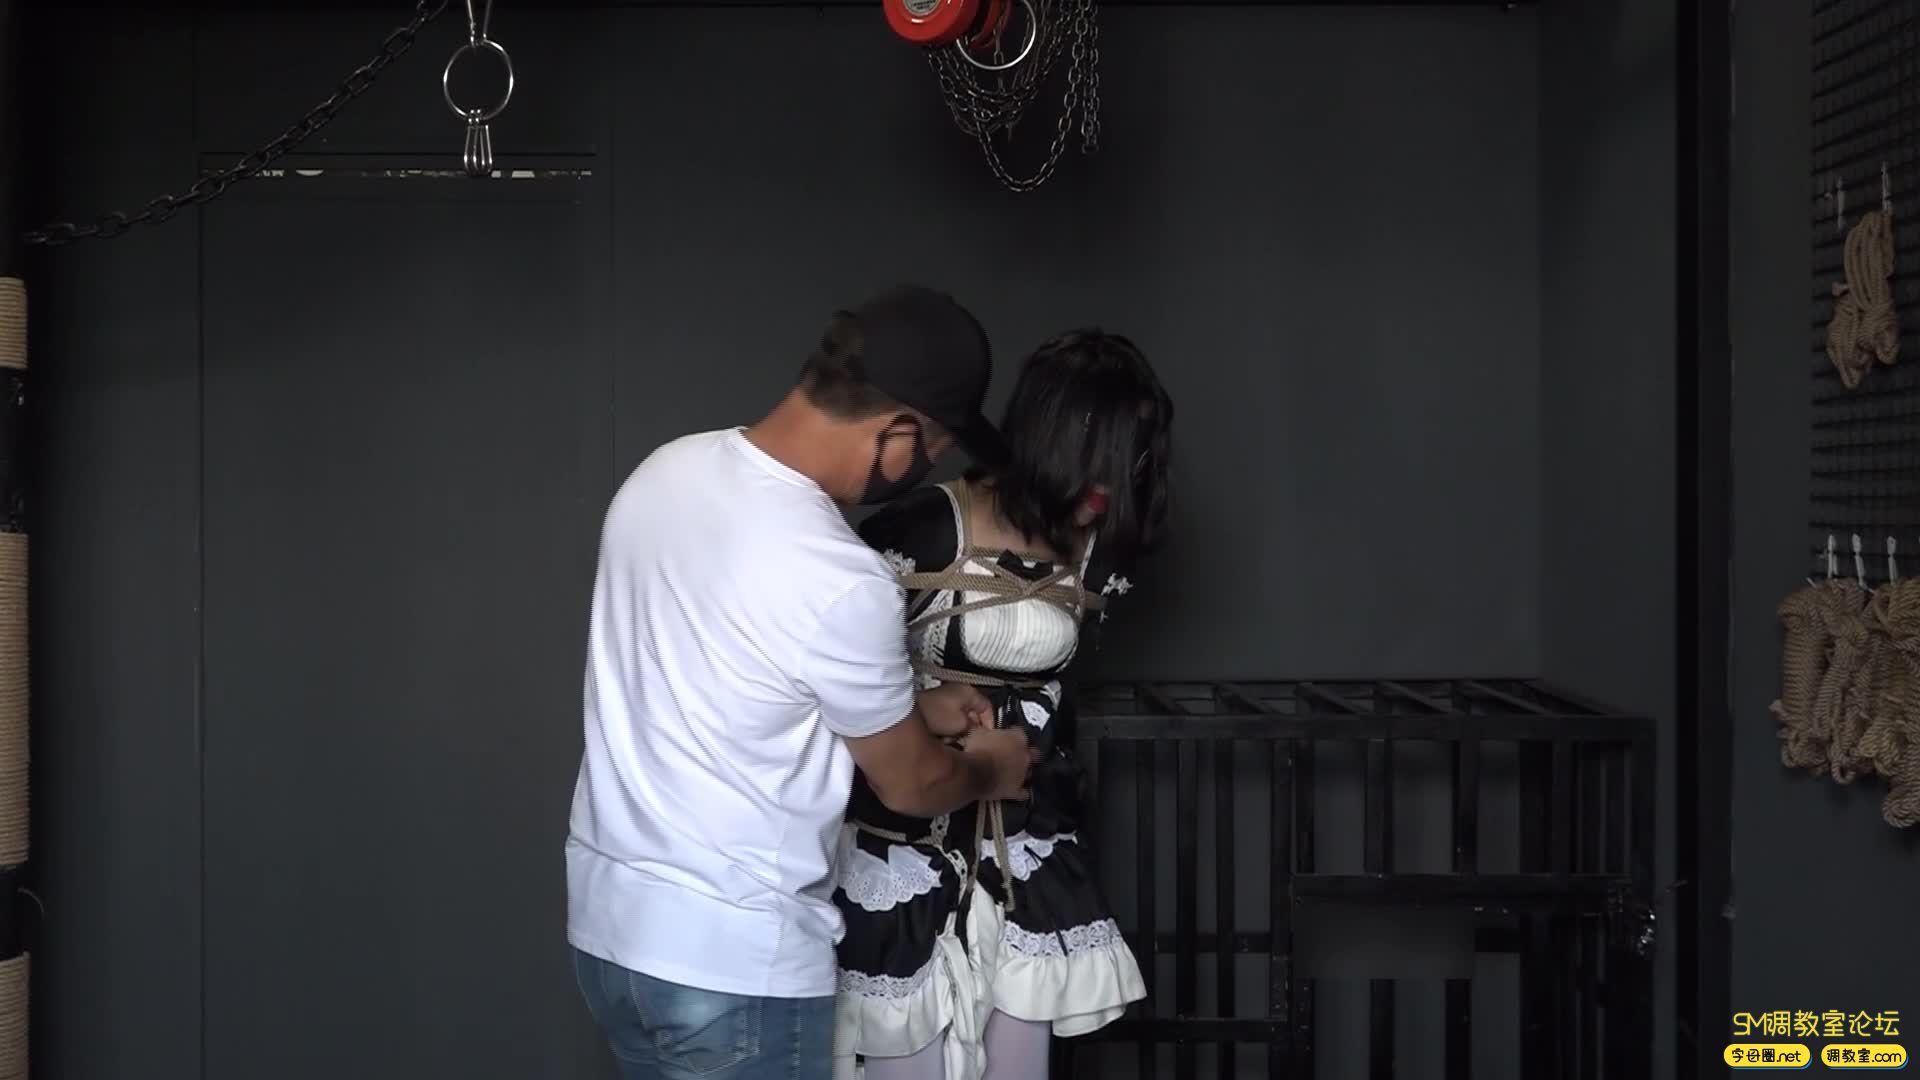 网友原创_女仆装白丝 捆绑 吊缚鞭打 口球堵嘴 蒙眼-视频截图3